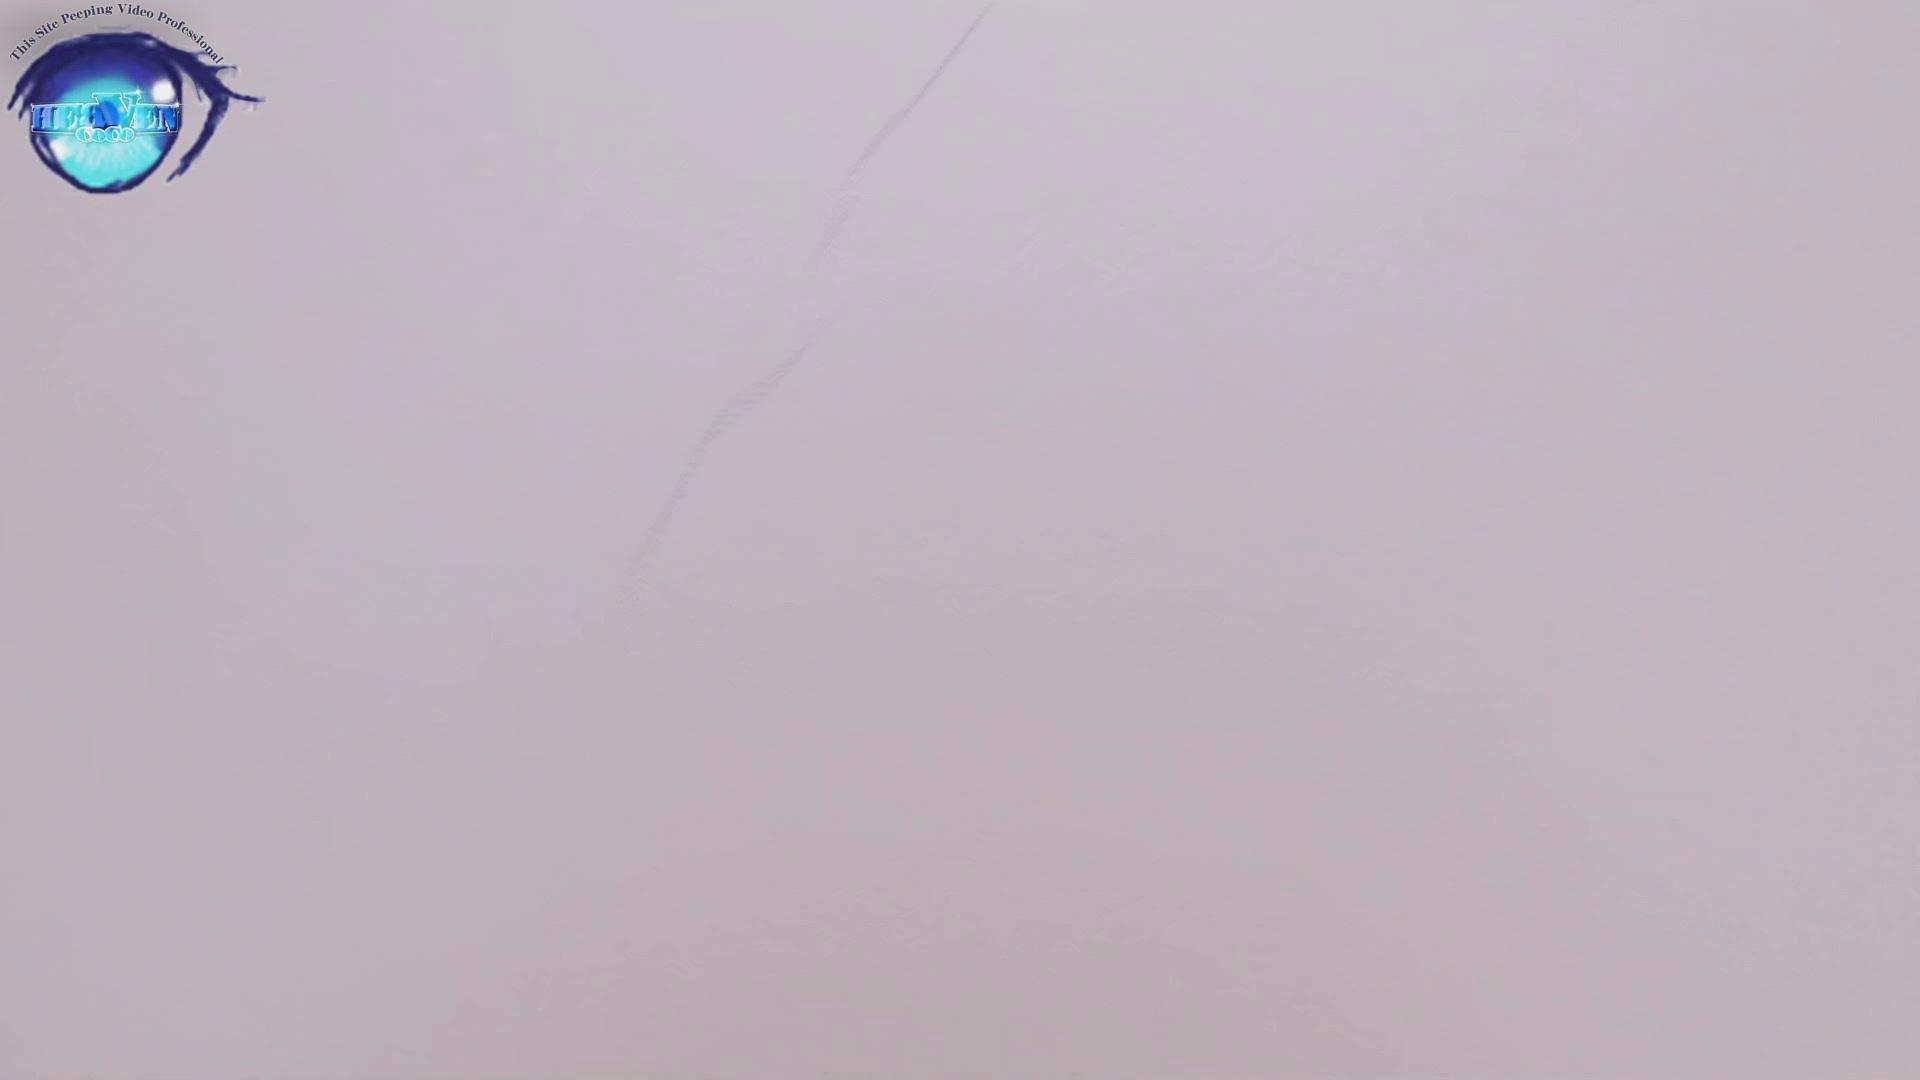 お銀さん vol.59 ピンチ!!「鏡の前で祈る女性」にばれる危機 後編 0  77連発 2